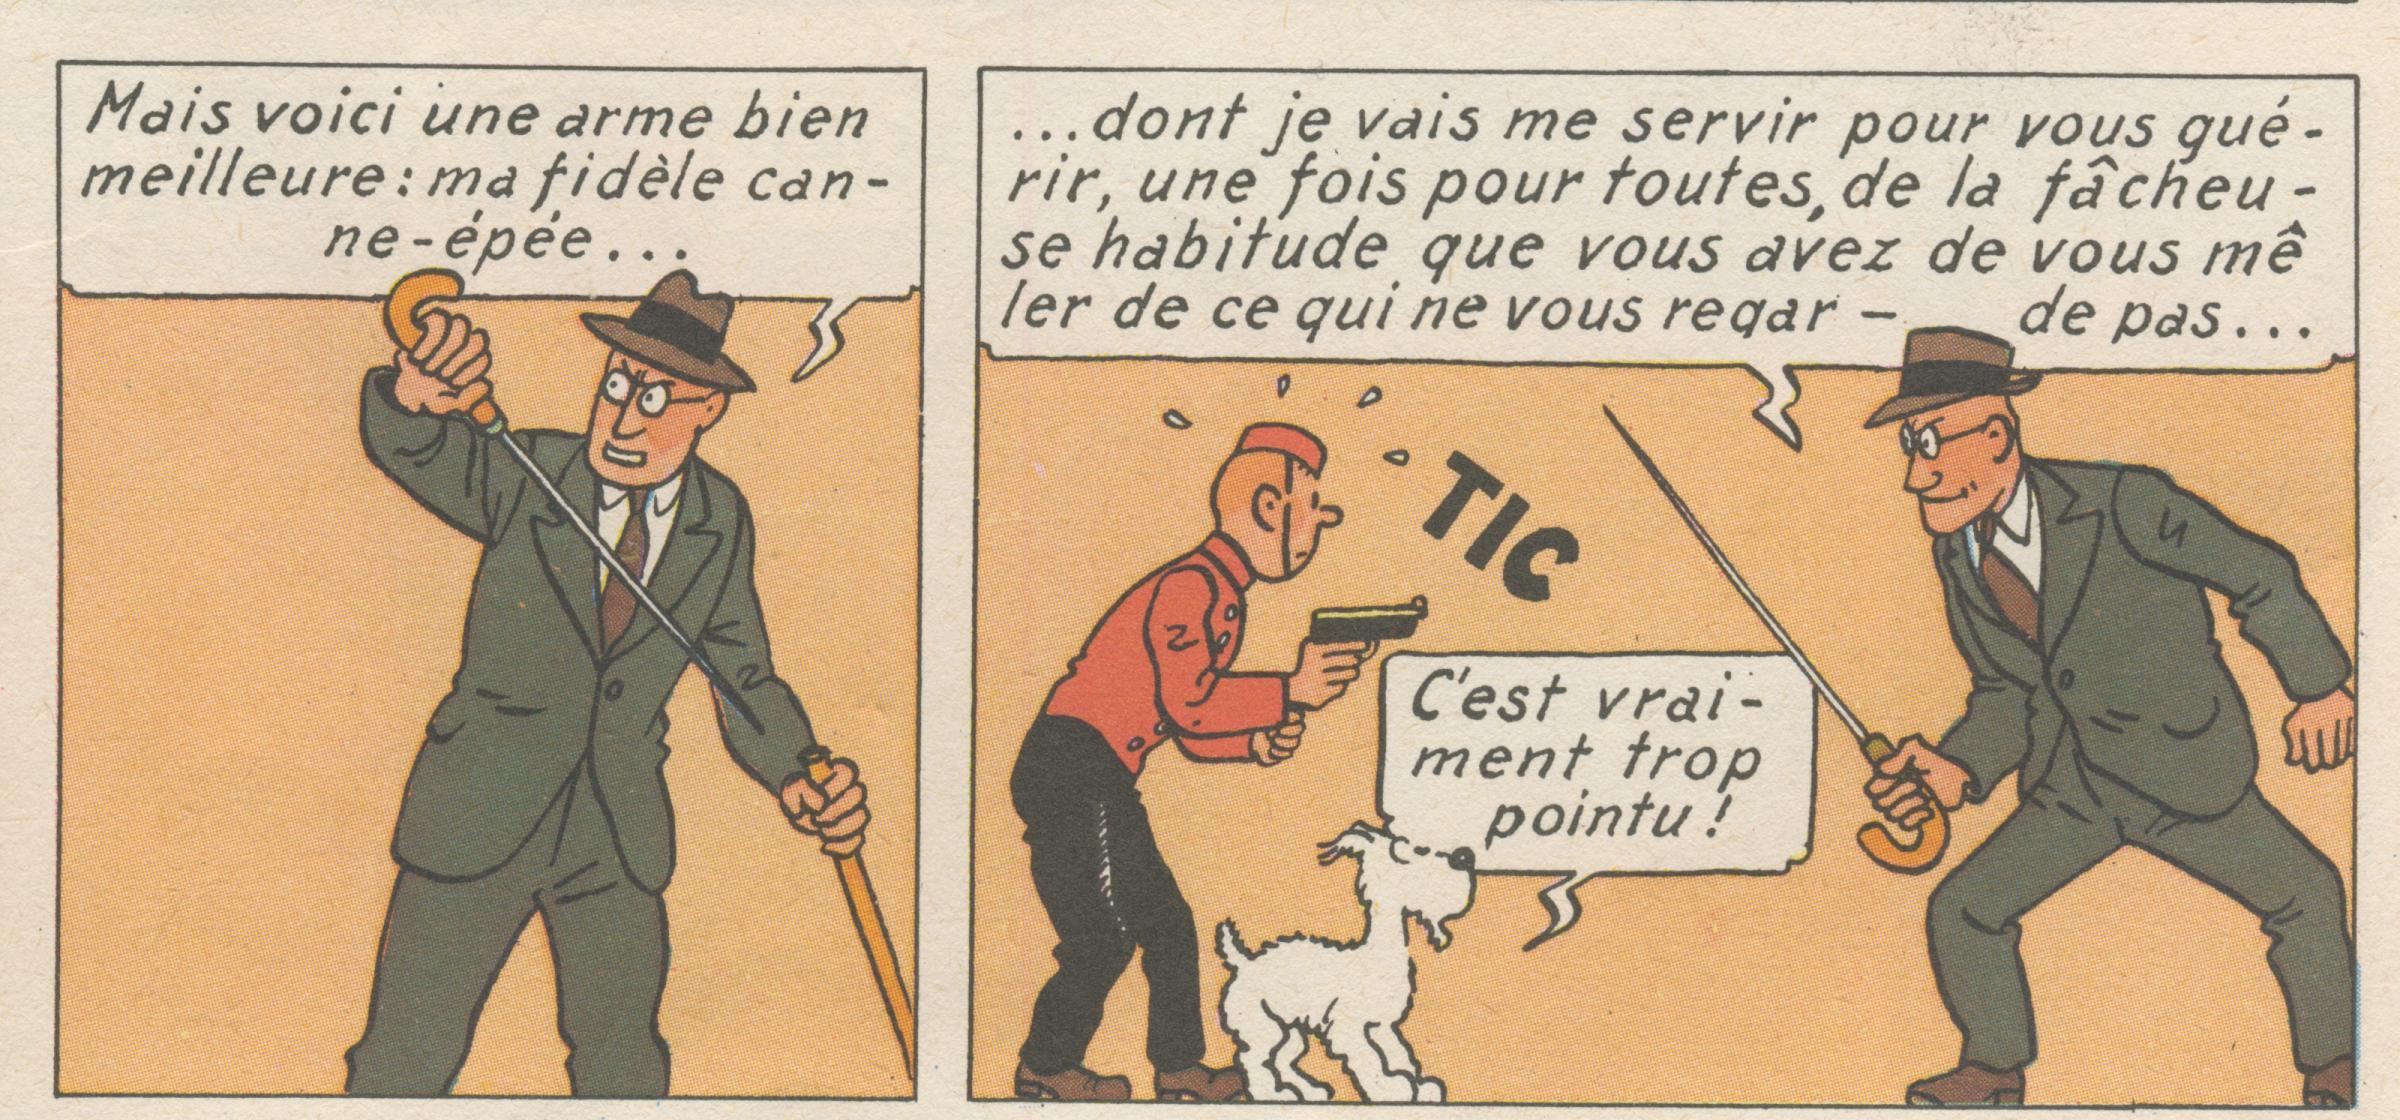 http://www.crcb.org/wp-content/uploads/2010/02/canne-%C3%A9p%C3%A9e-Tintin-en-Am%C3%A9rique.jpg